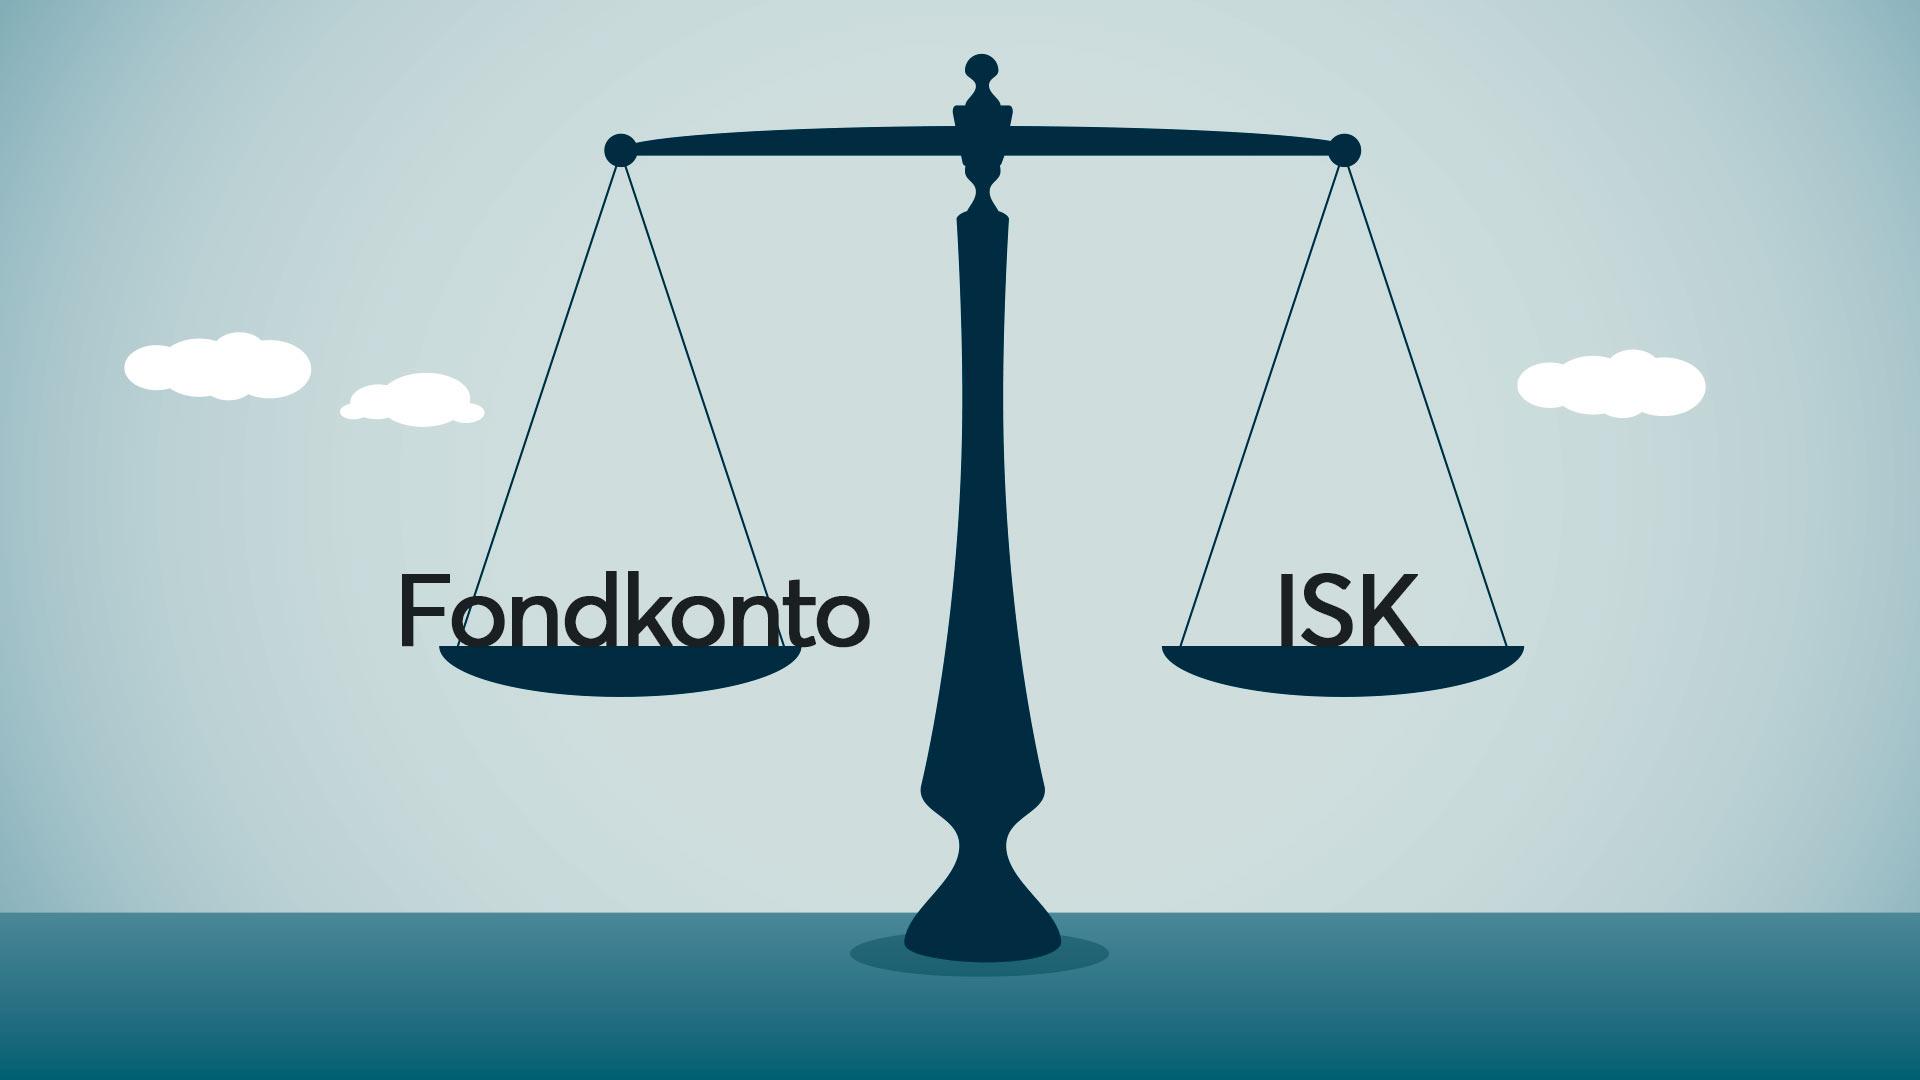 Borde jag byta från fondkonto till ISK?